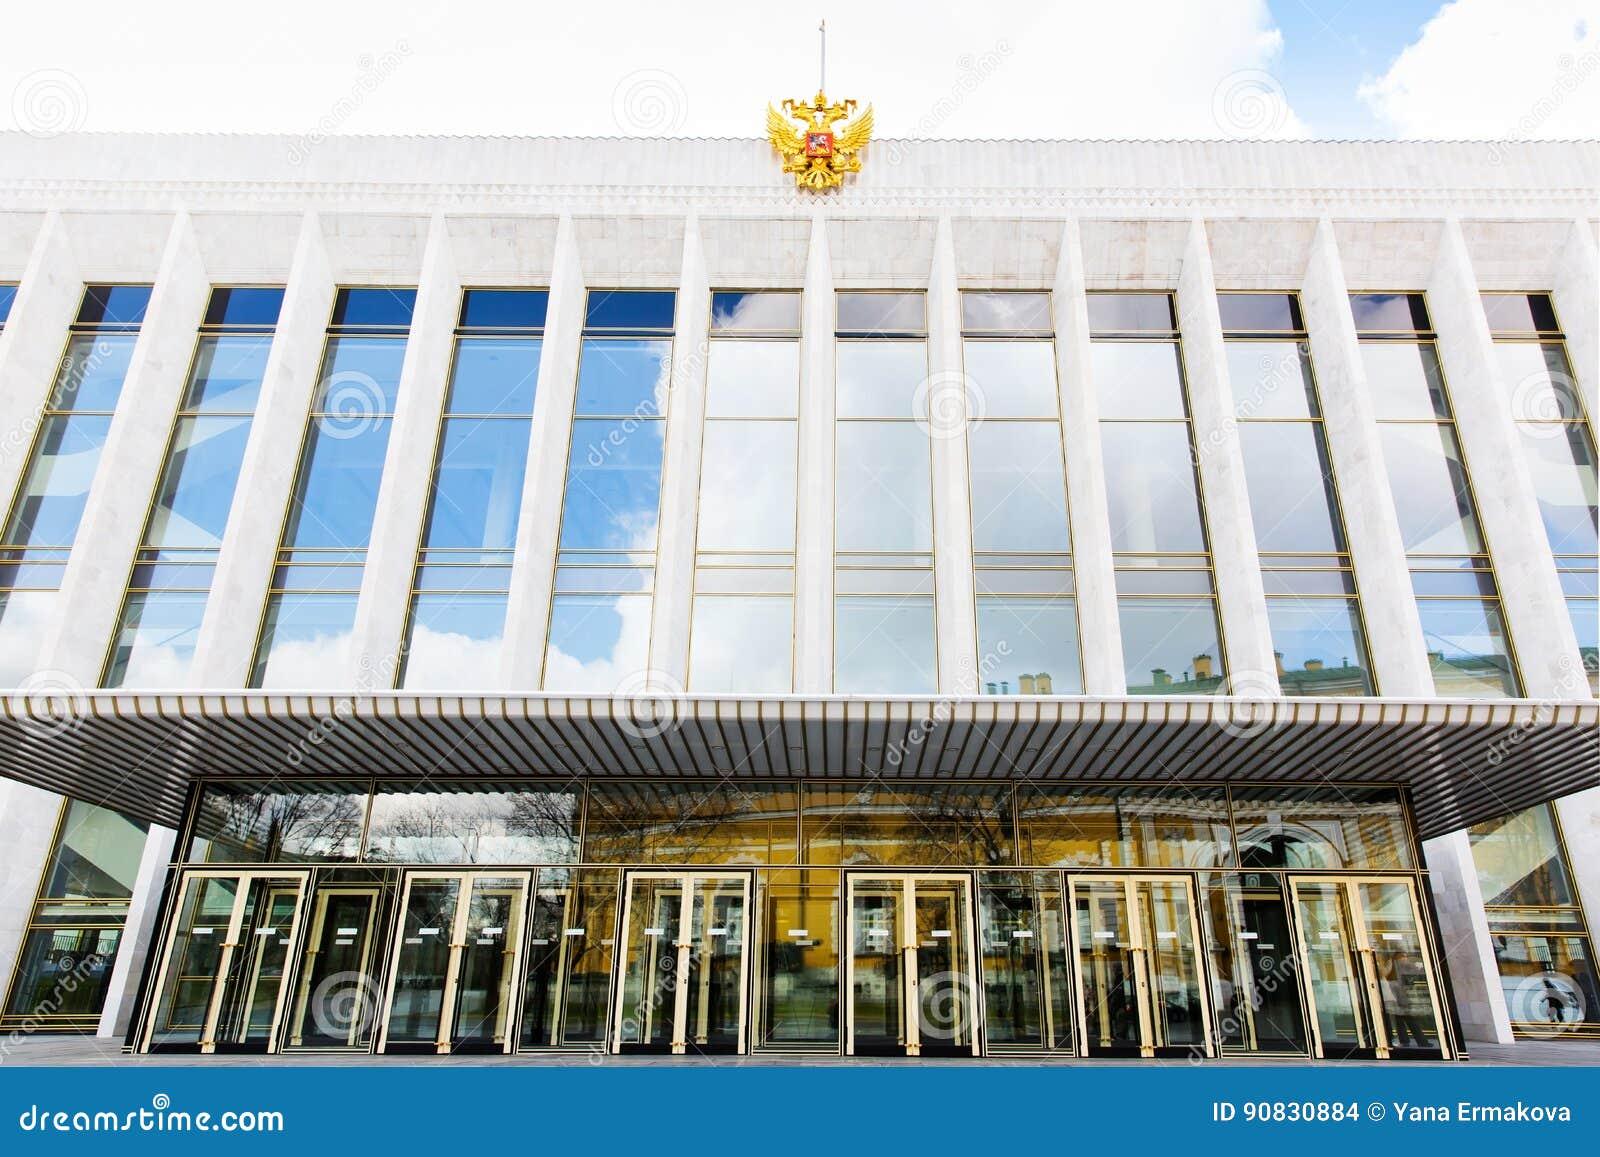 状态克里姆林宫宫殿国会克里姆林宫宫殿,克里姆林宫,俄罗斯